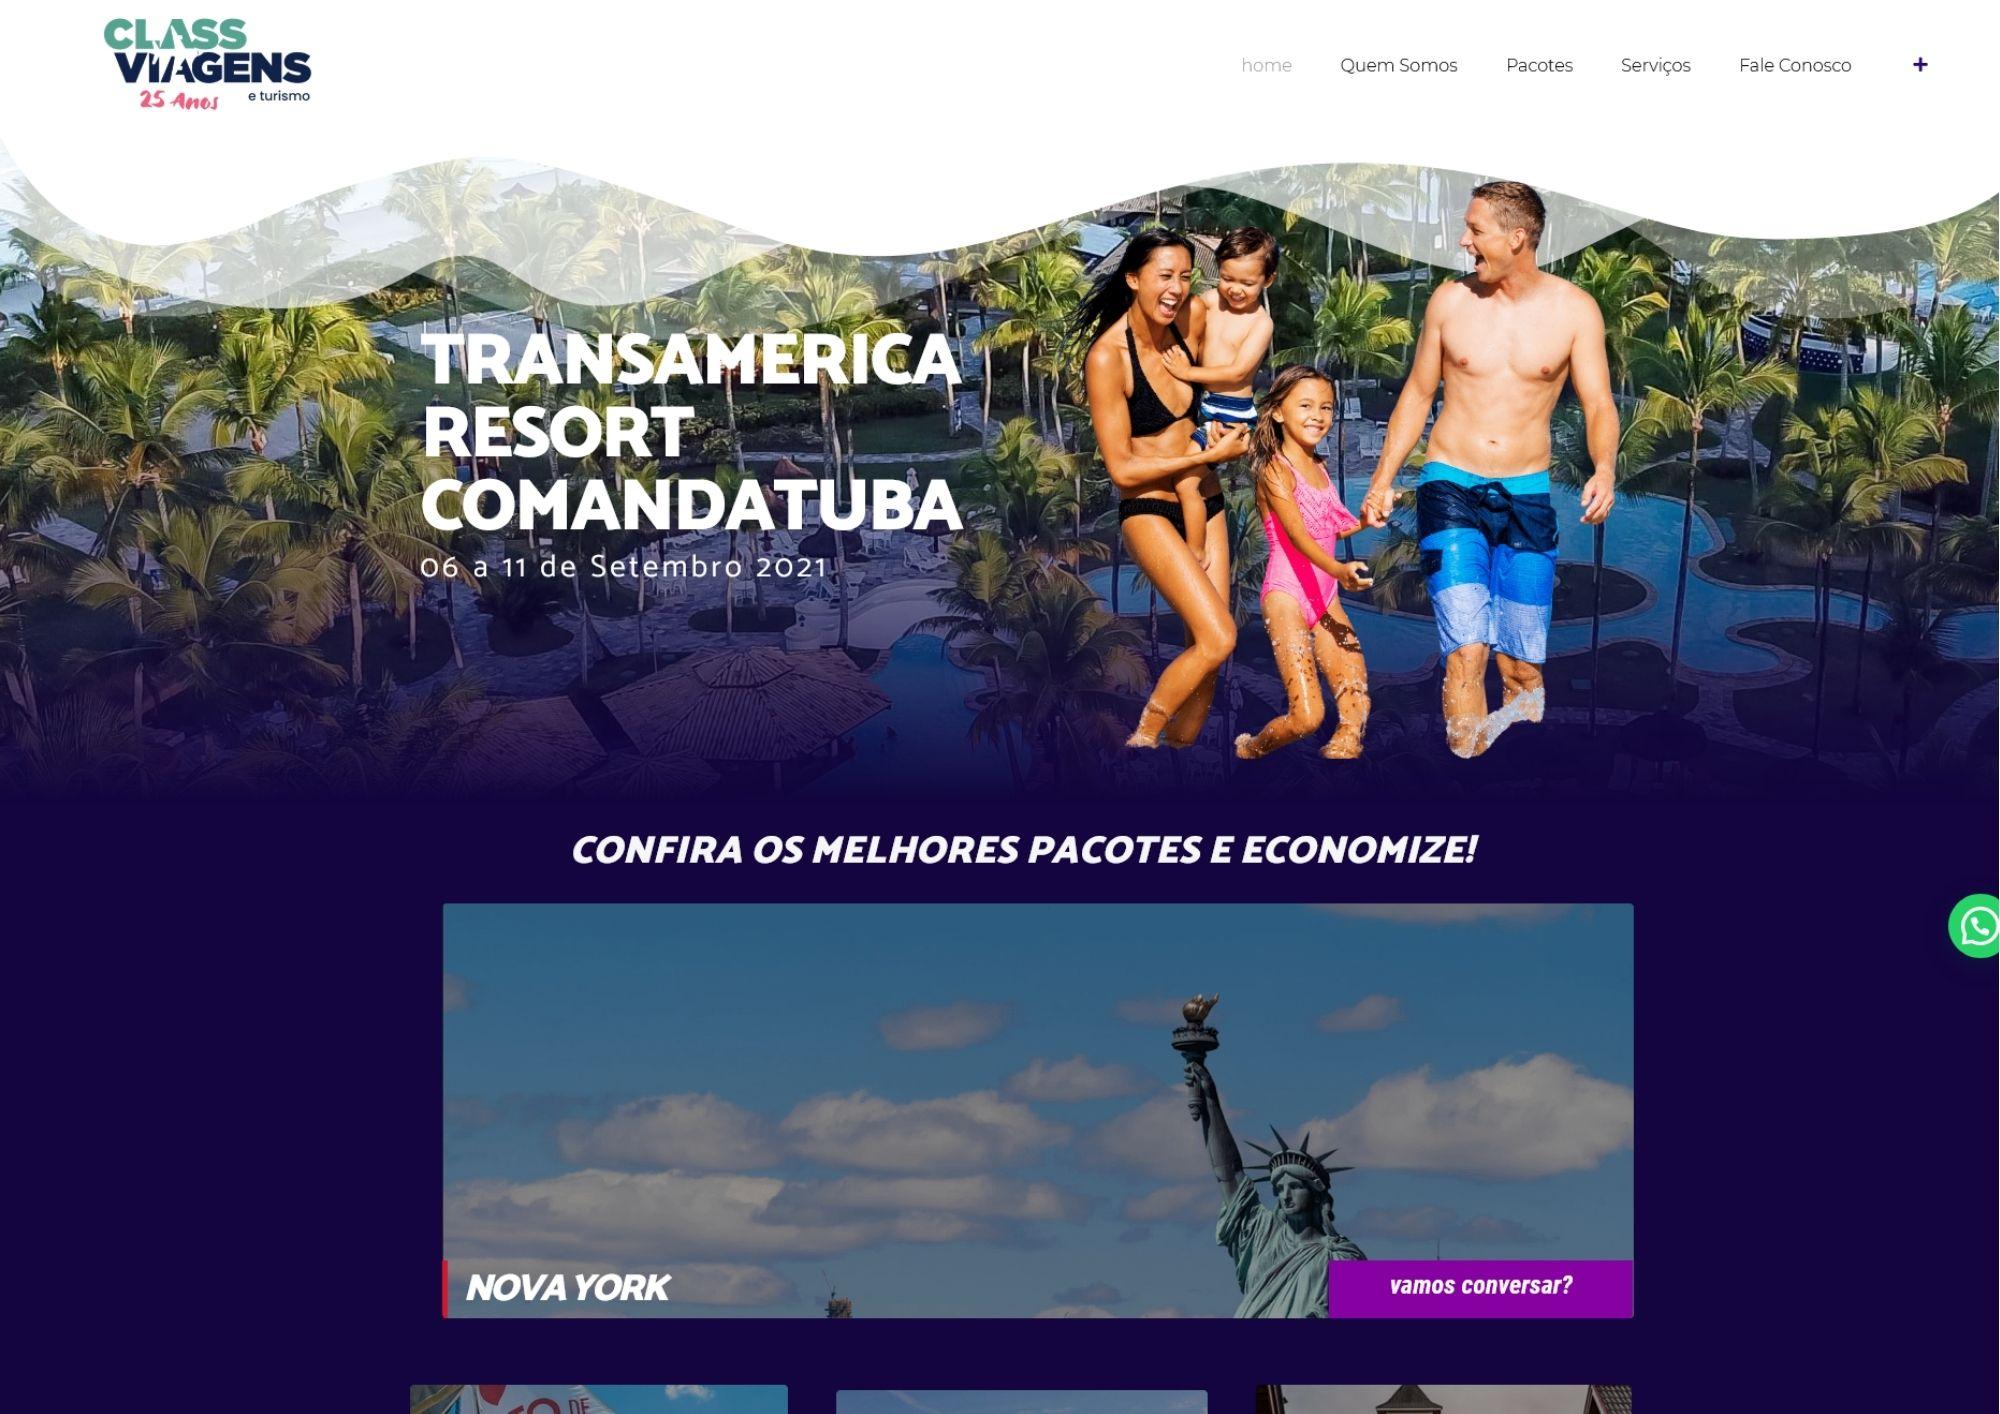 class-viagens-e-turismo